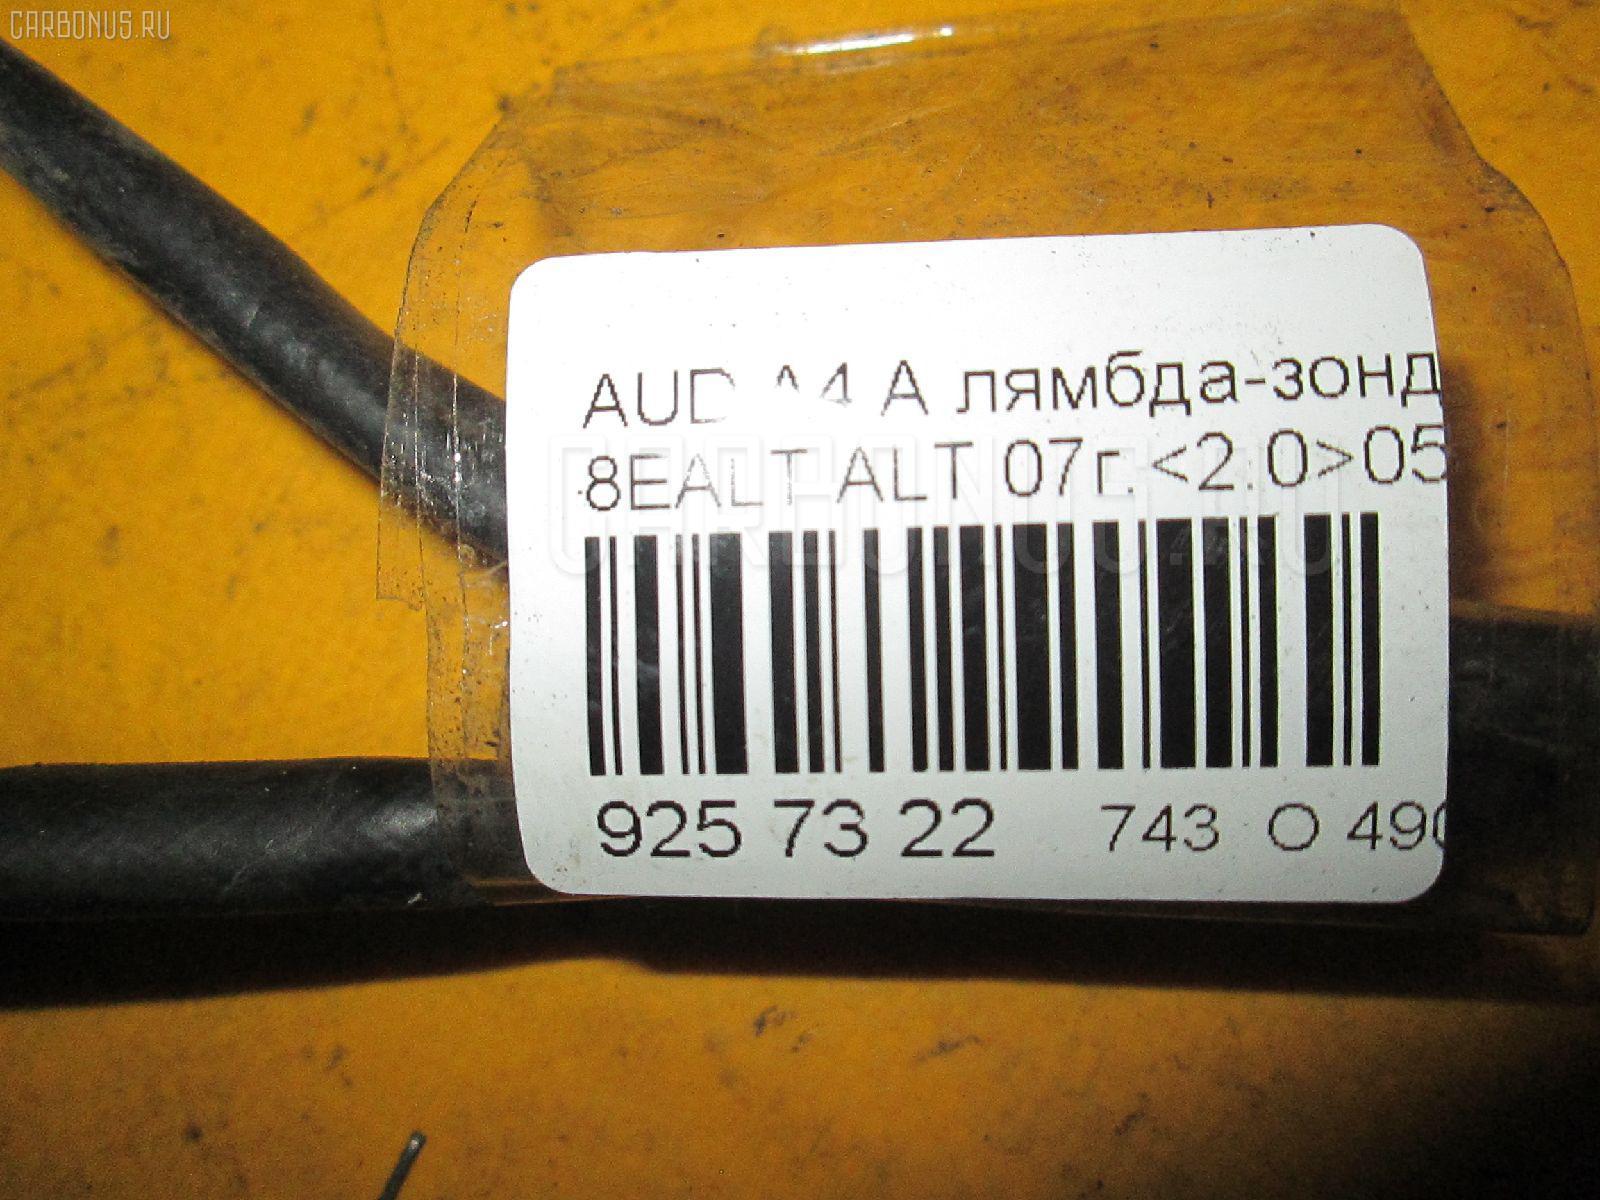 Лямбда-зонд AUDI A4 AVANT 8EALT ALT Фото 2